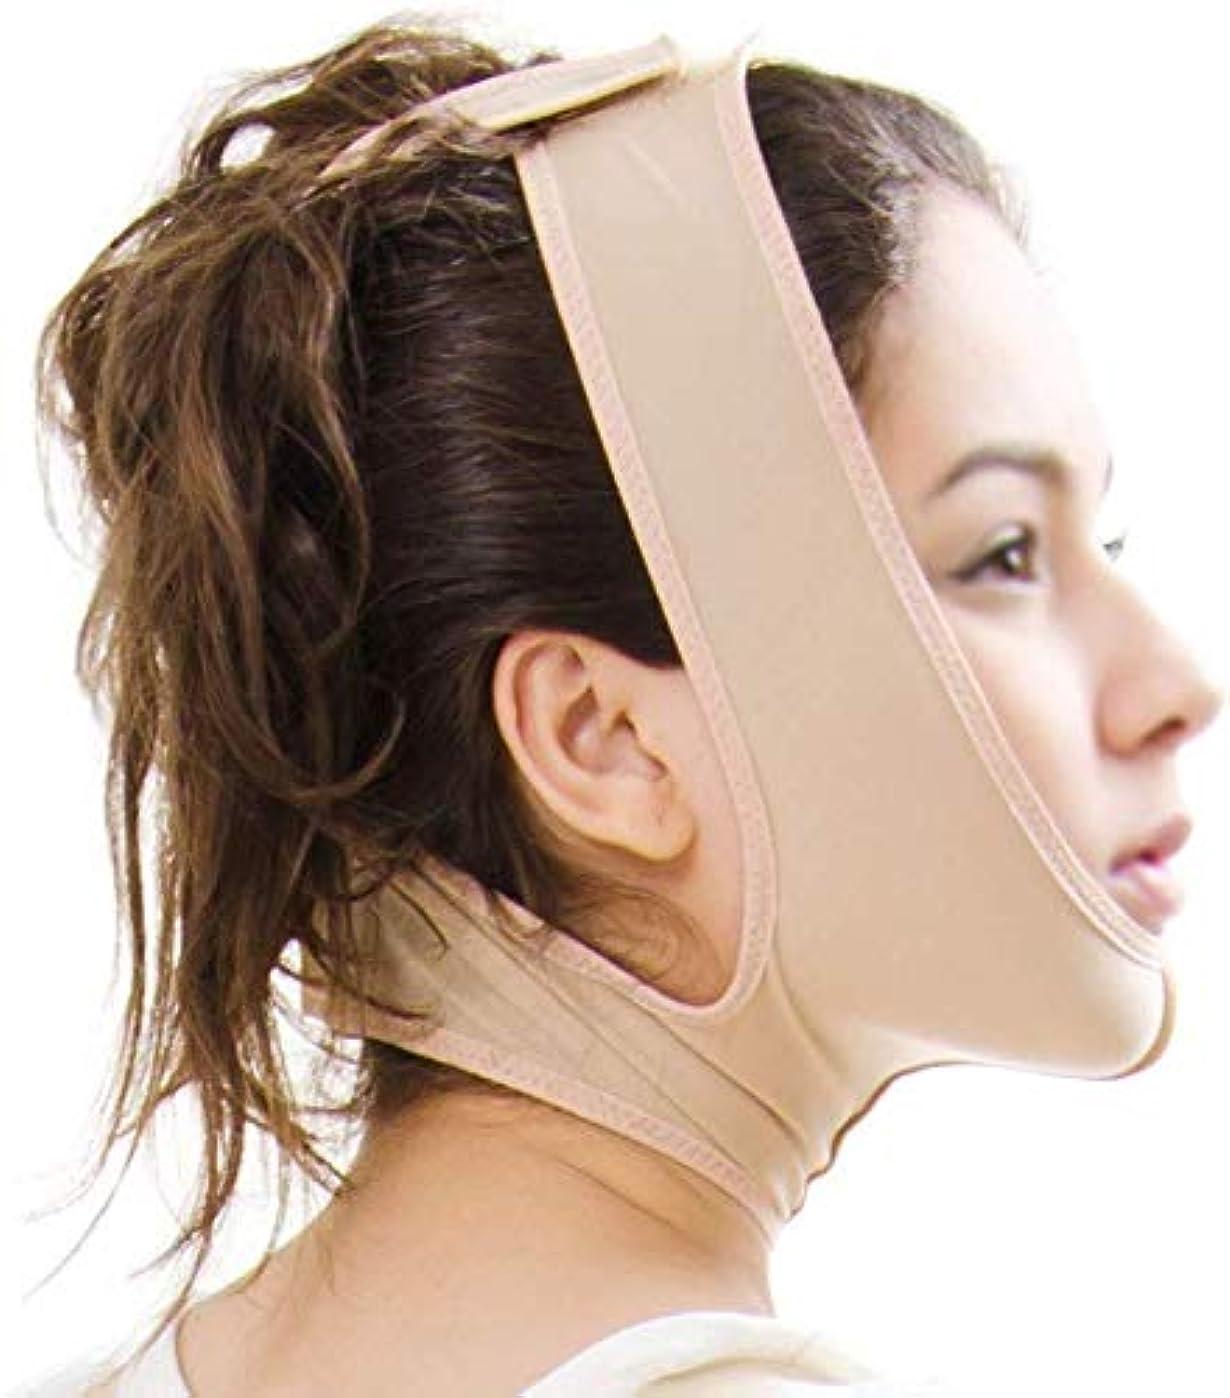 国民投票しなやか休憩する美容と実用的なリフティング包帯、あごの首とあごの二重あごの顔、脂肪吸引術、術後創傷マスク(サイズ:M)